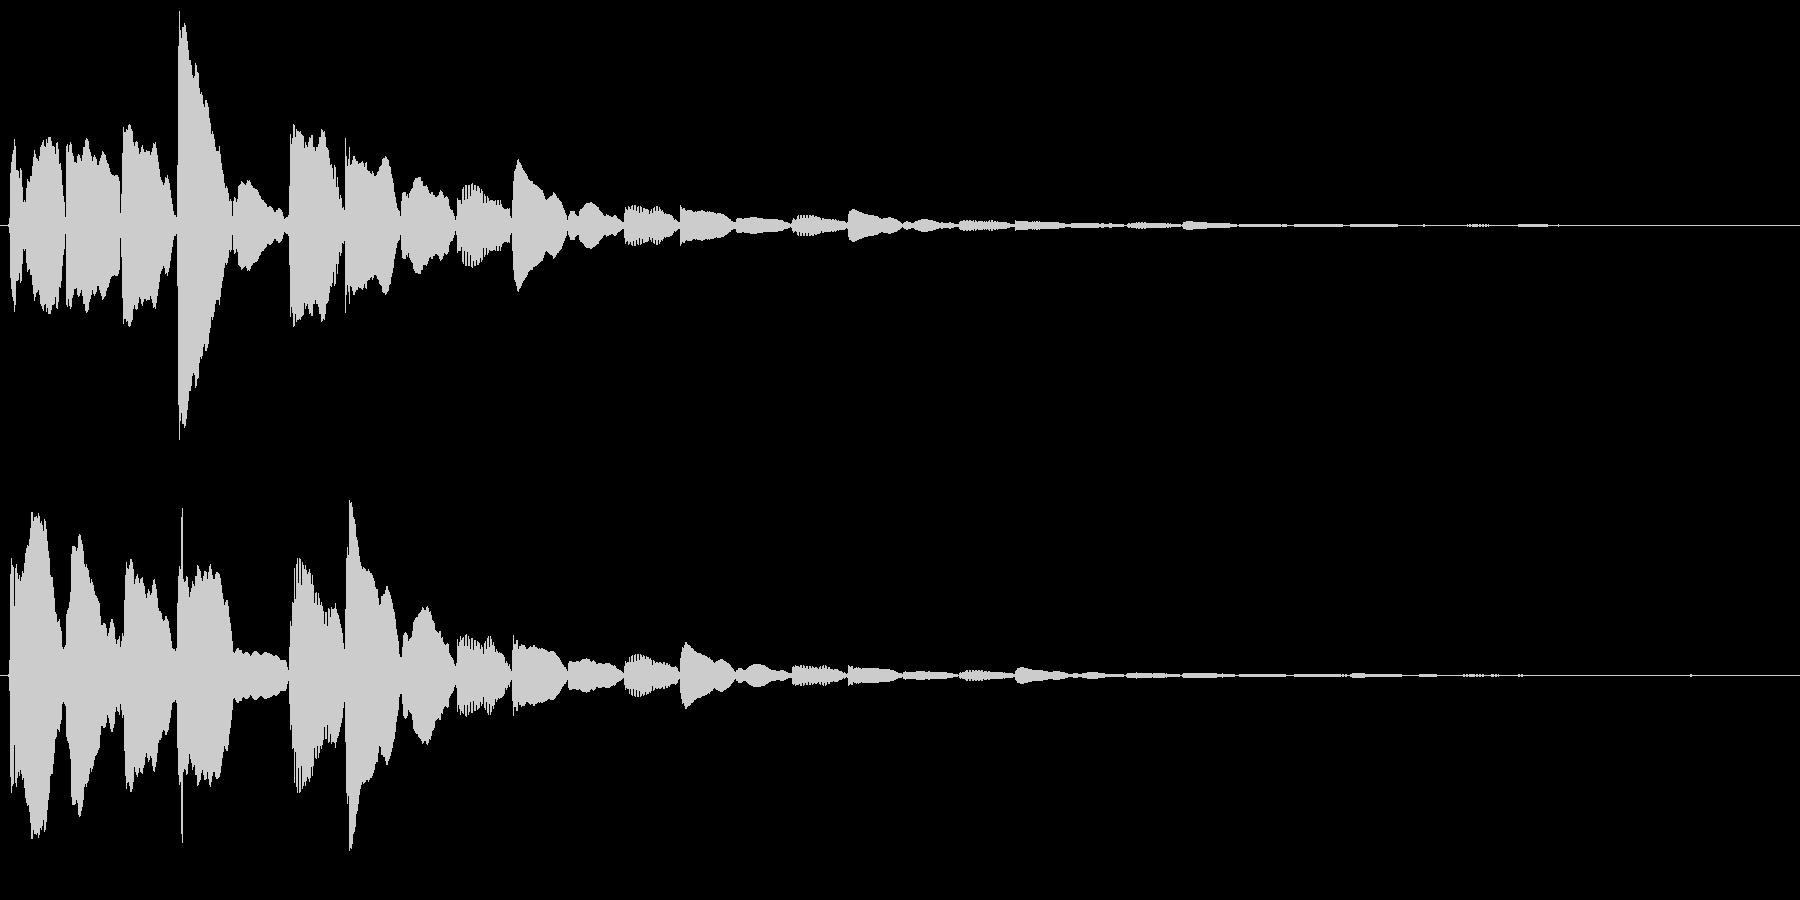 test2の未再生の波形